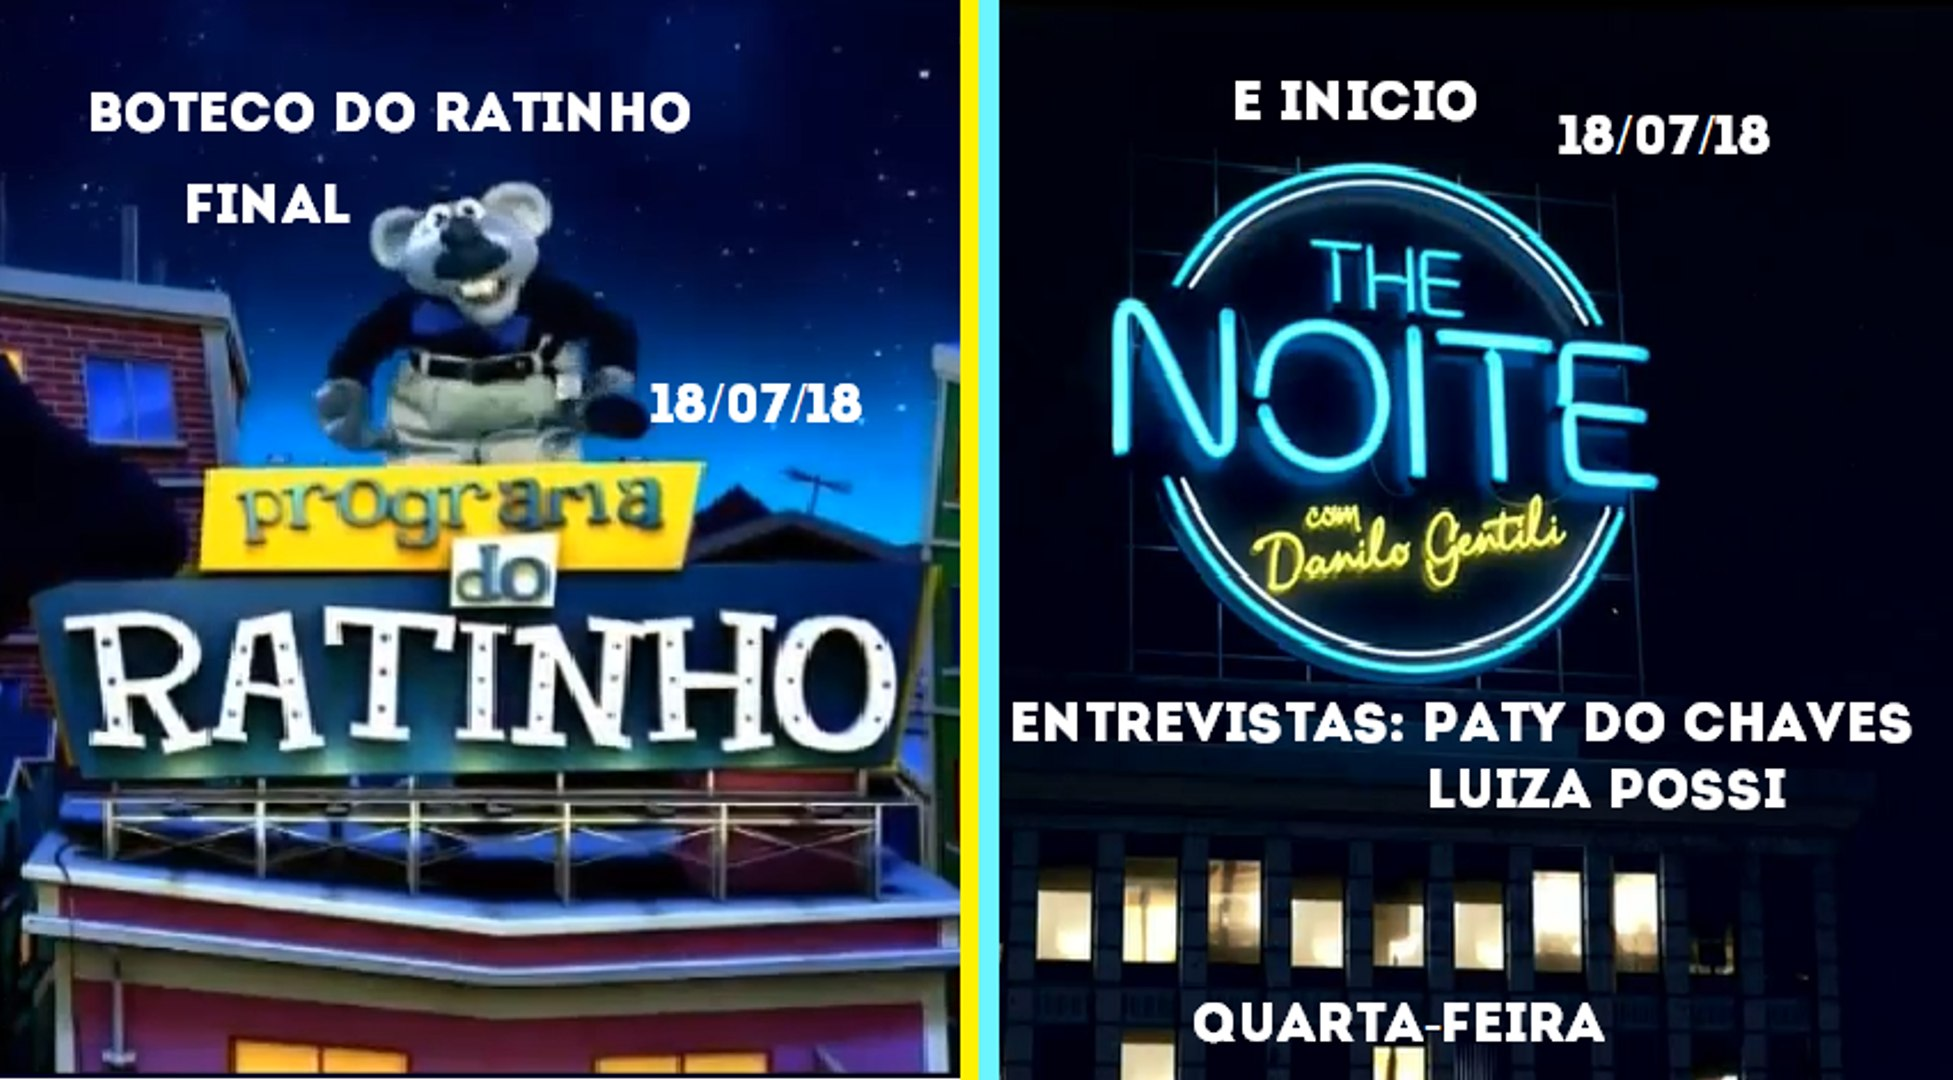 Final Programa do Ratinho (Boteco do Ratinho) e inicio The Noite (18/07/18) | SBT